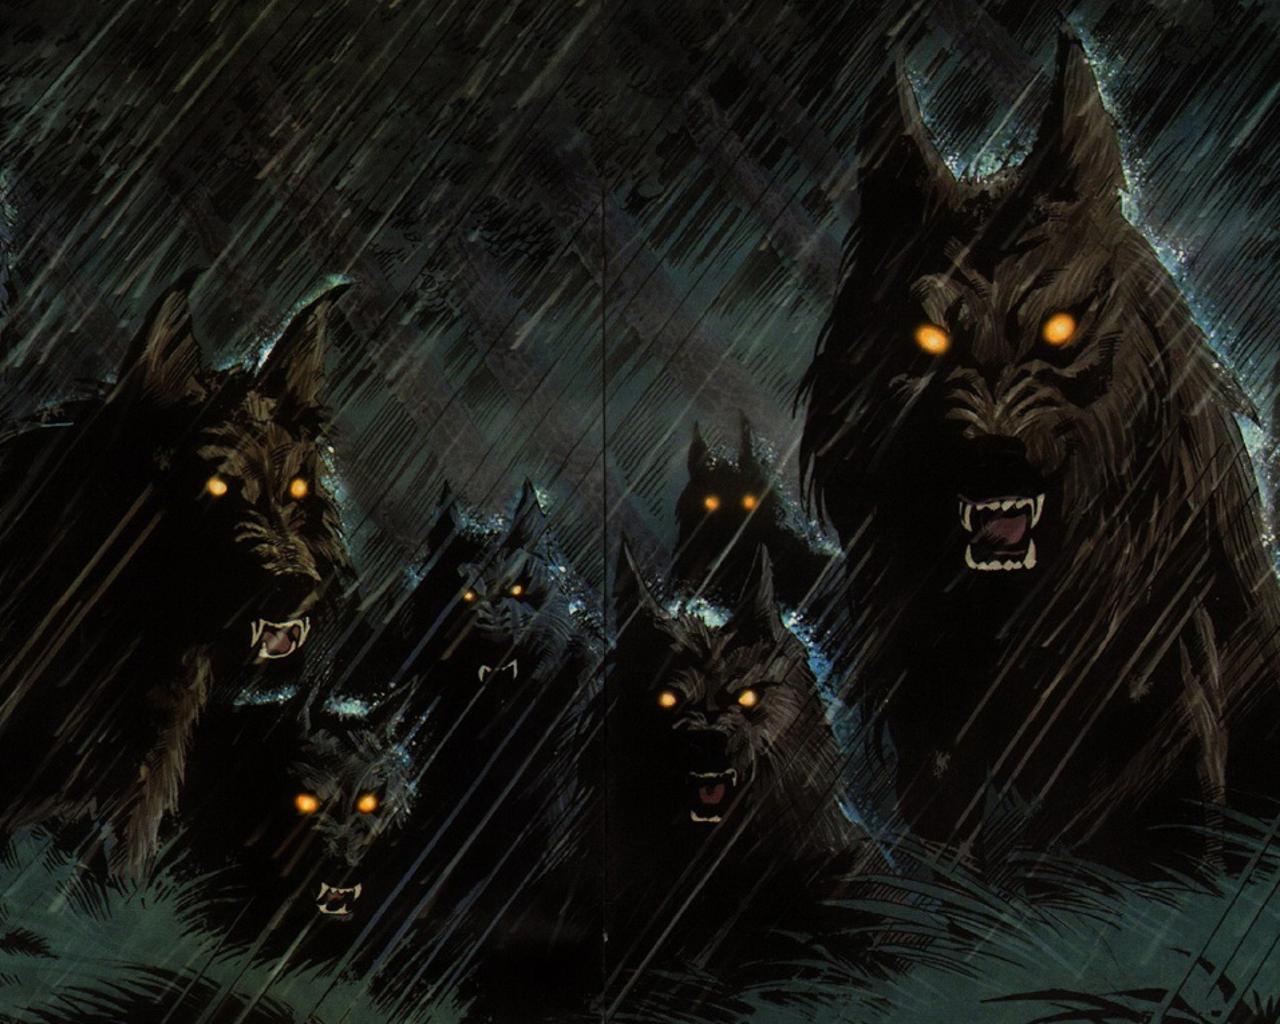 Android 用の 狼男のファンタジーの壁紙 Apk をダウンロード